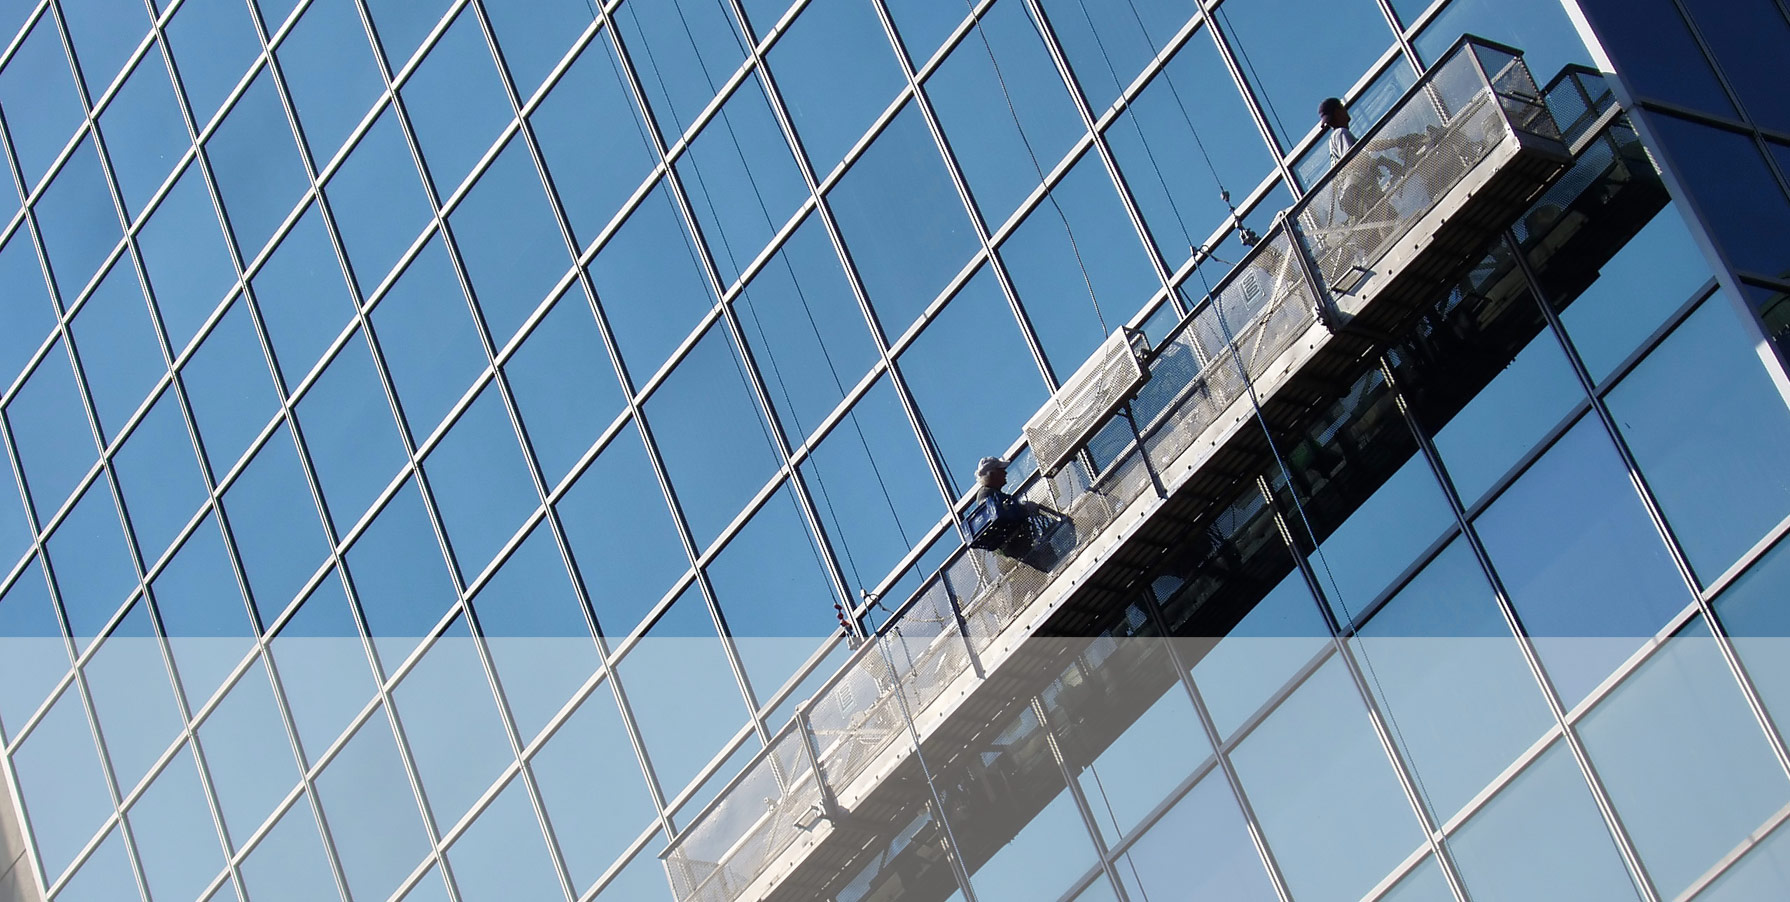 Ook voor het schoonmaken van hoge gebouwen - Prins dienstverlening